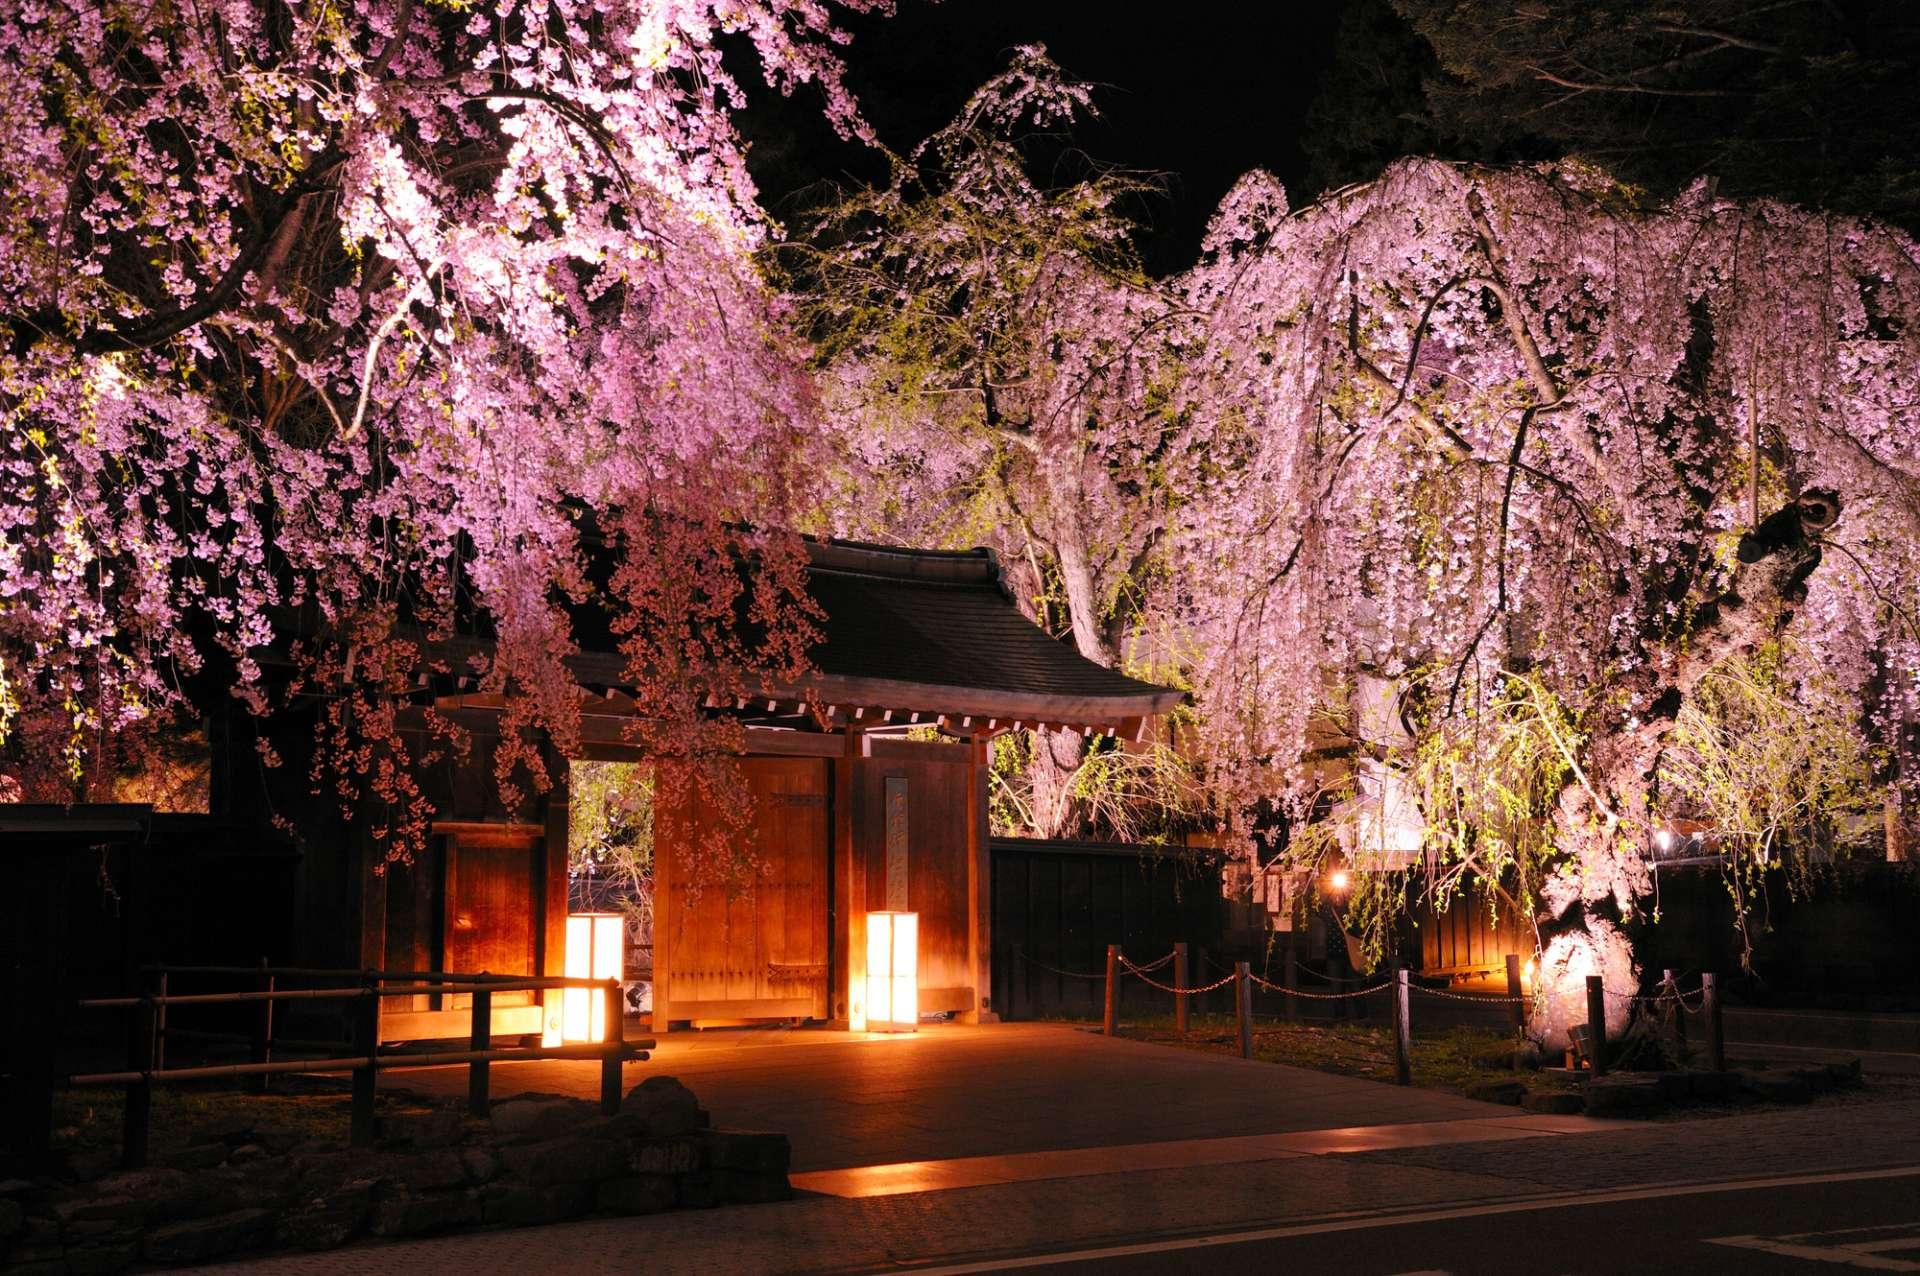 燈光映照下的櫻花